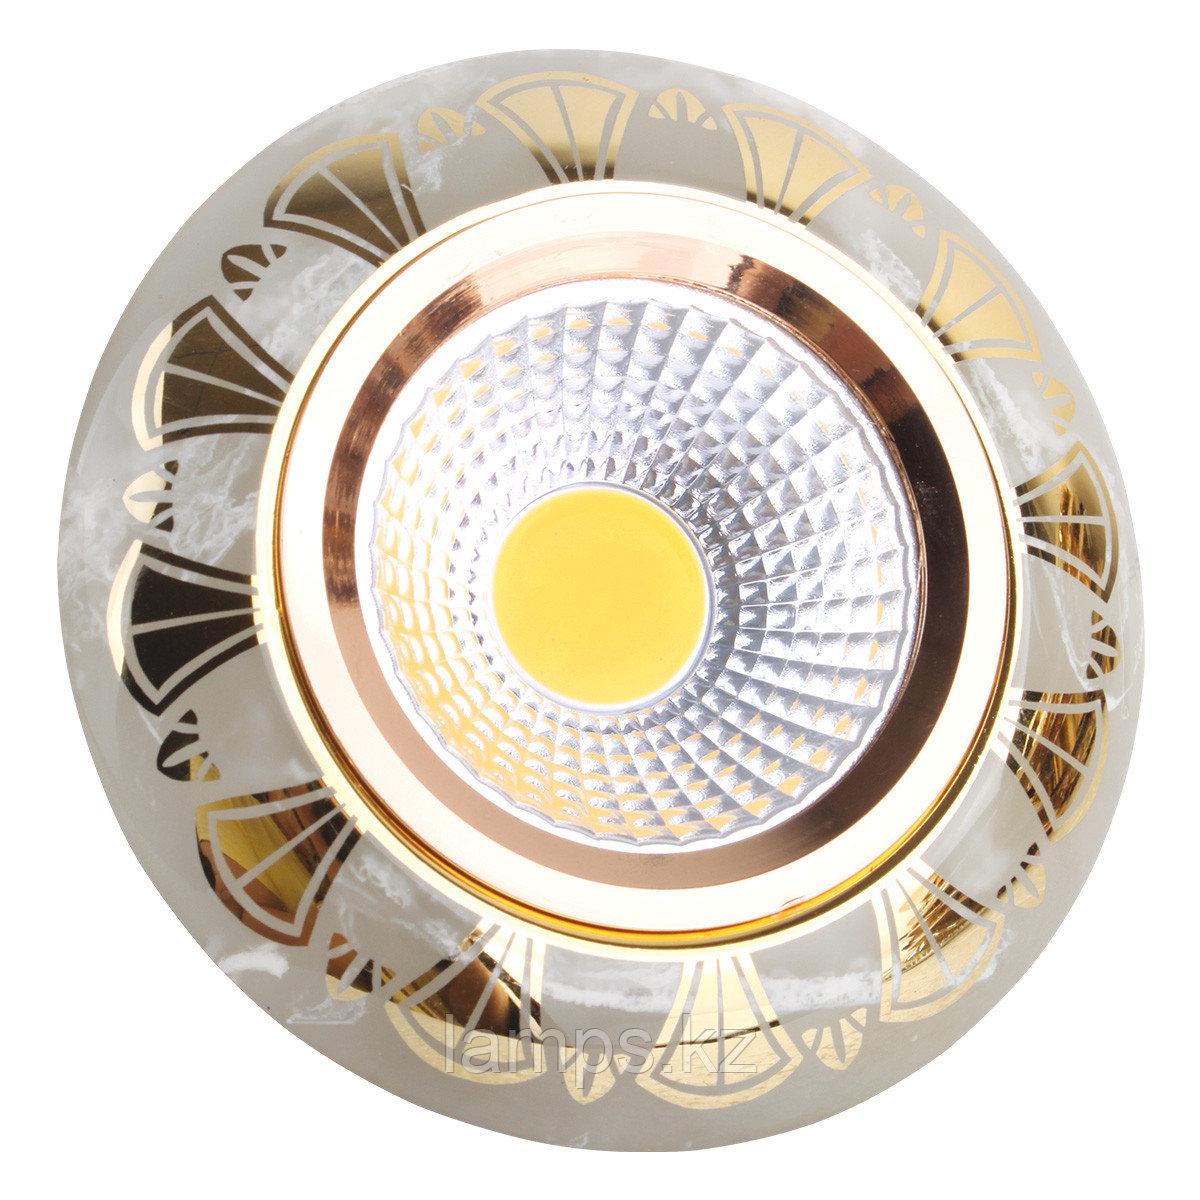 Спот встраиваемый MR16 YS7003 Marble+Gold GU5.3